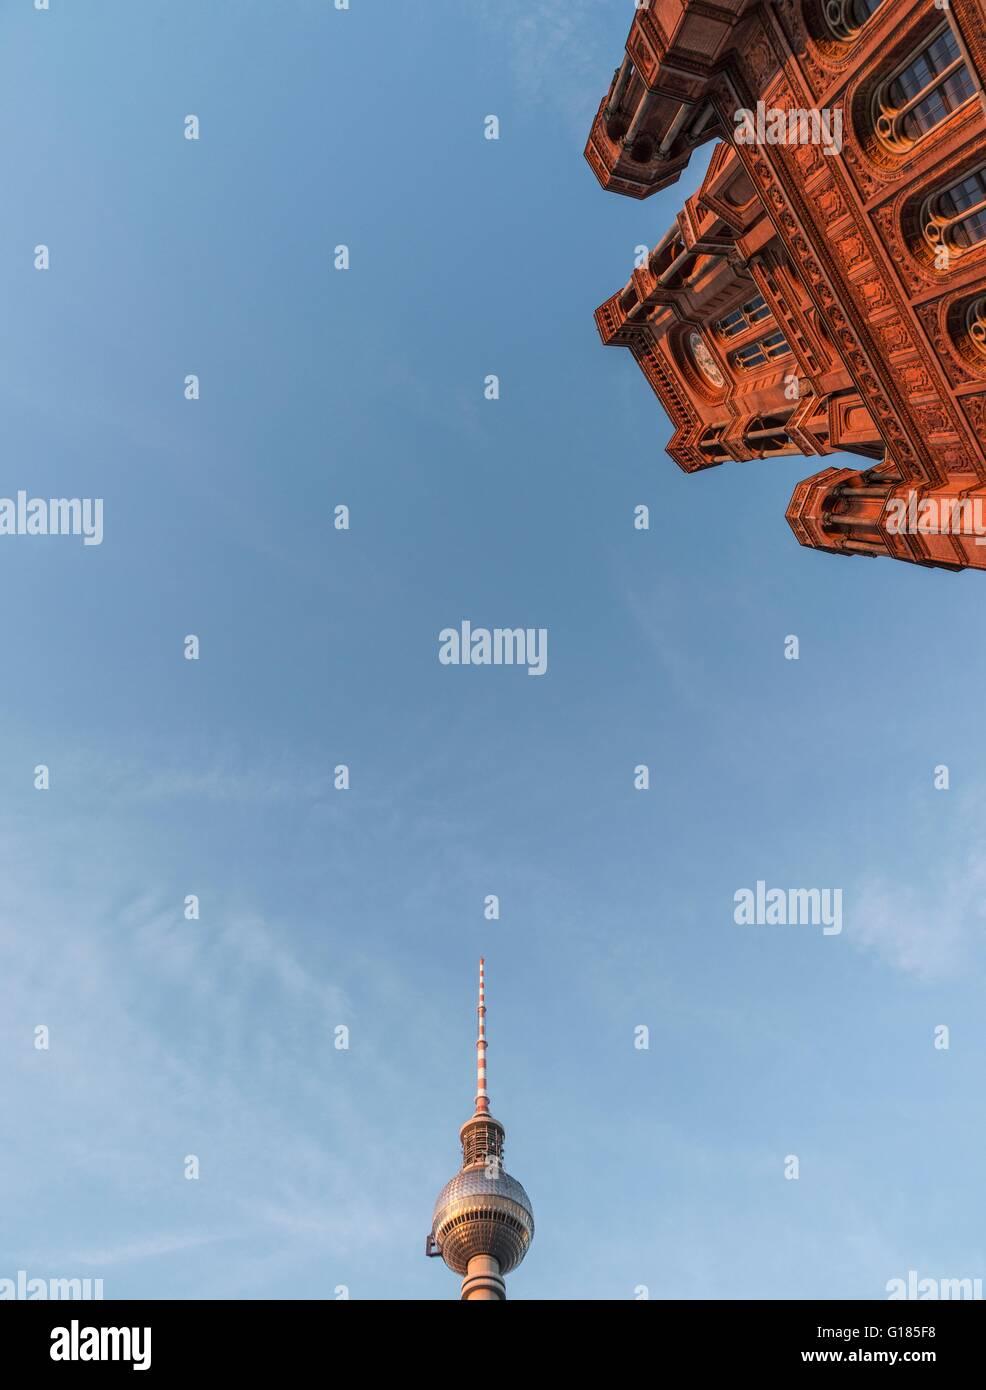 Basso angolo di visione della Red Town Hall (Rothes Rathaus) e Berlino torre della Radio (Berliner Funkturm), Germania Foto Stock